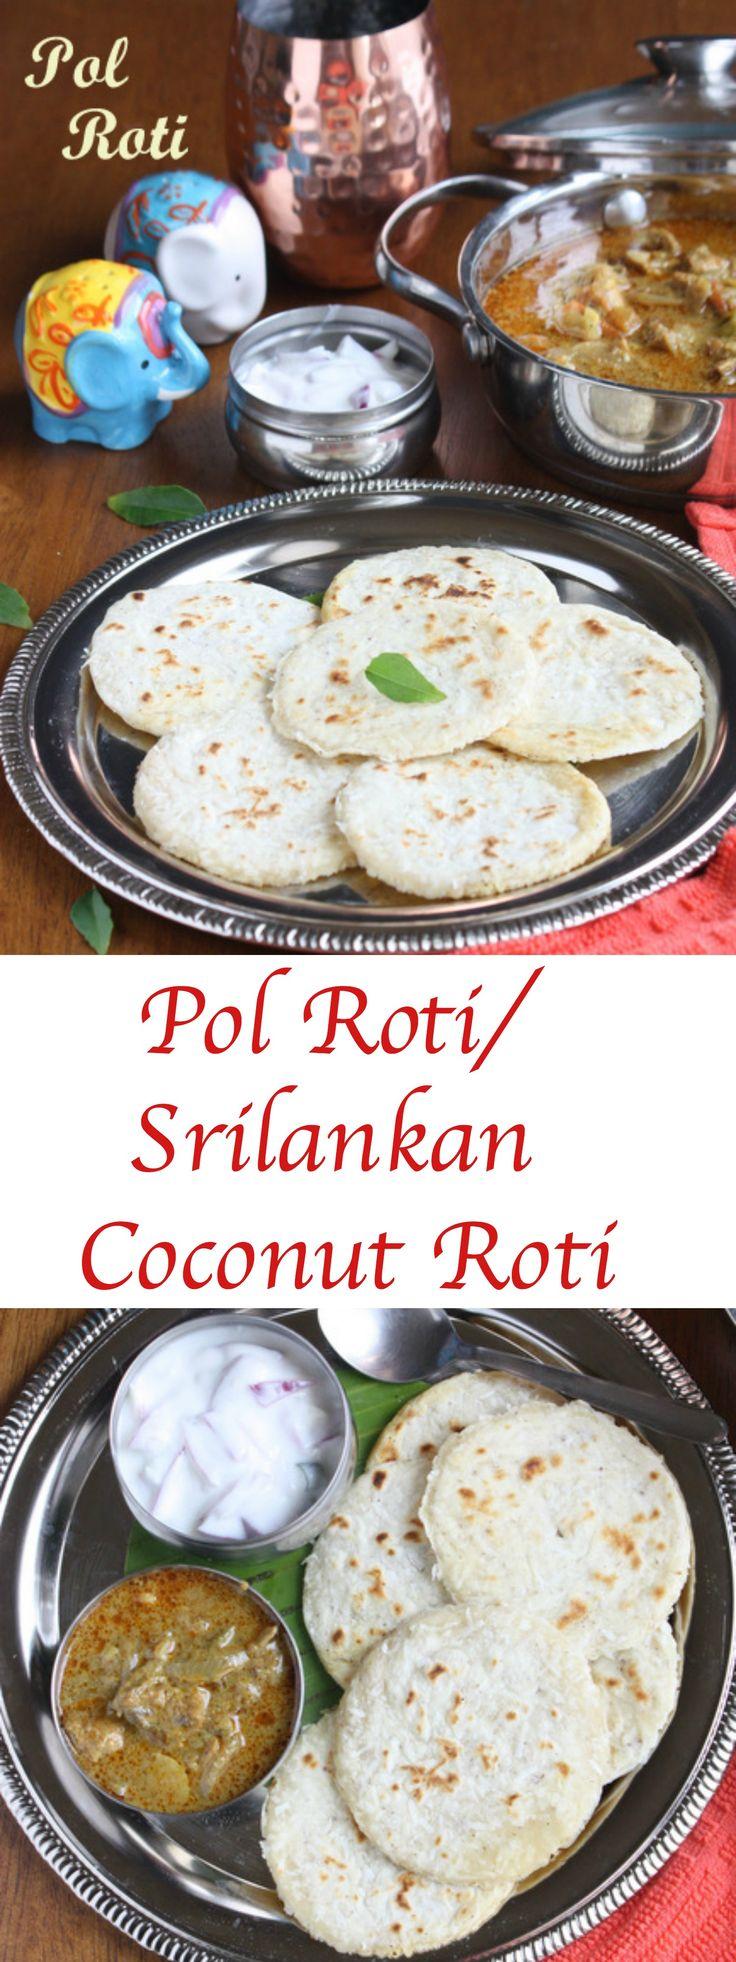 Pol Roti | Srilankan Coconut Roti | Coconut Roti Recipe